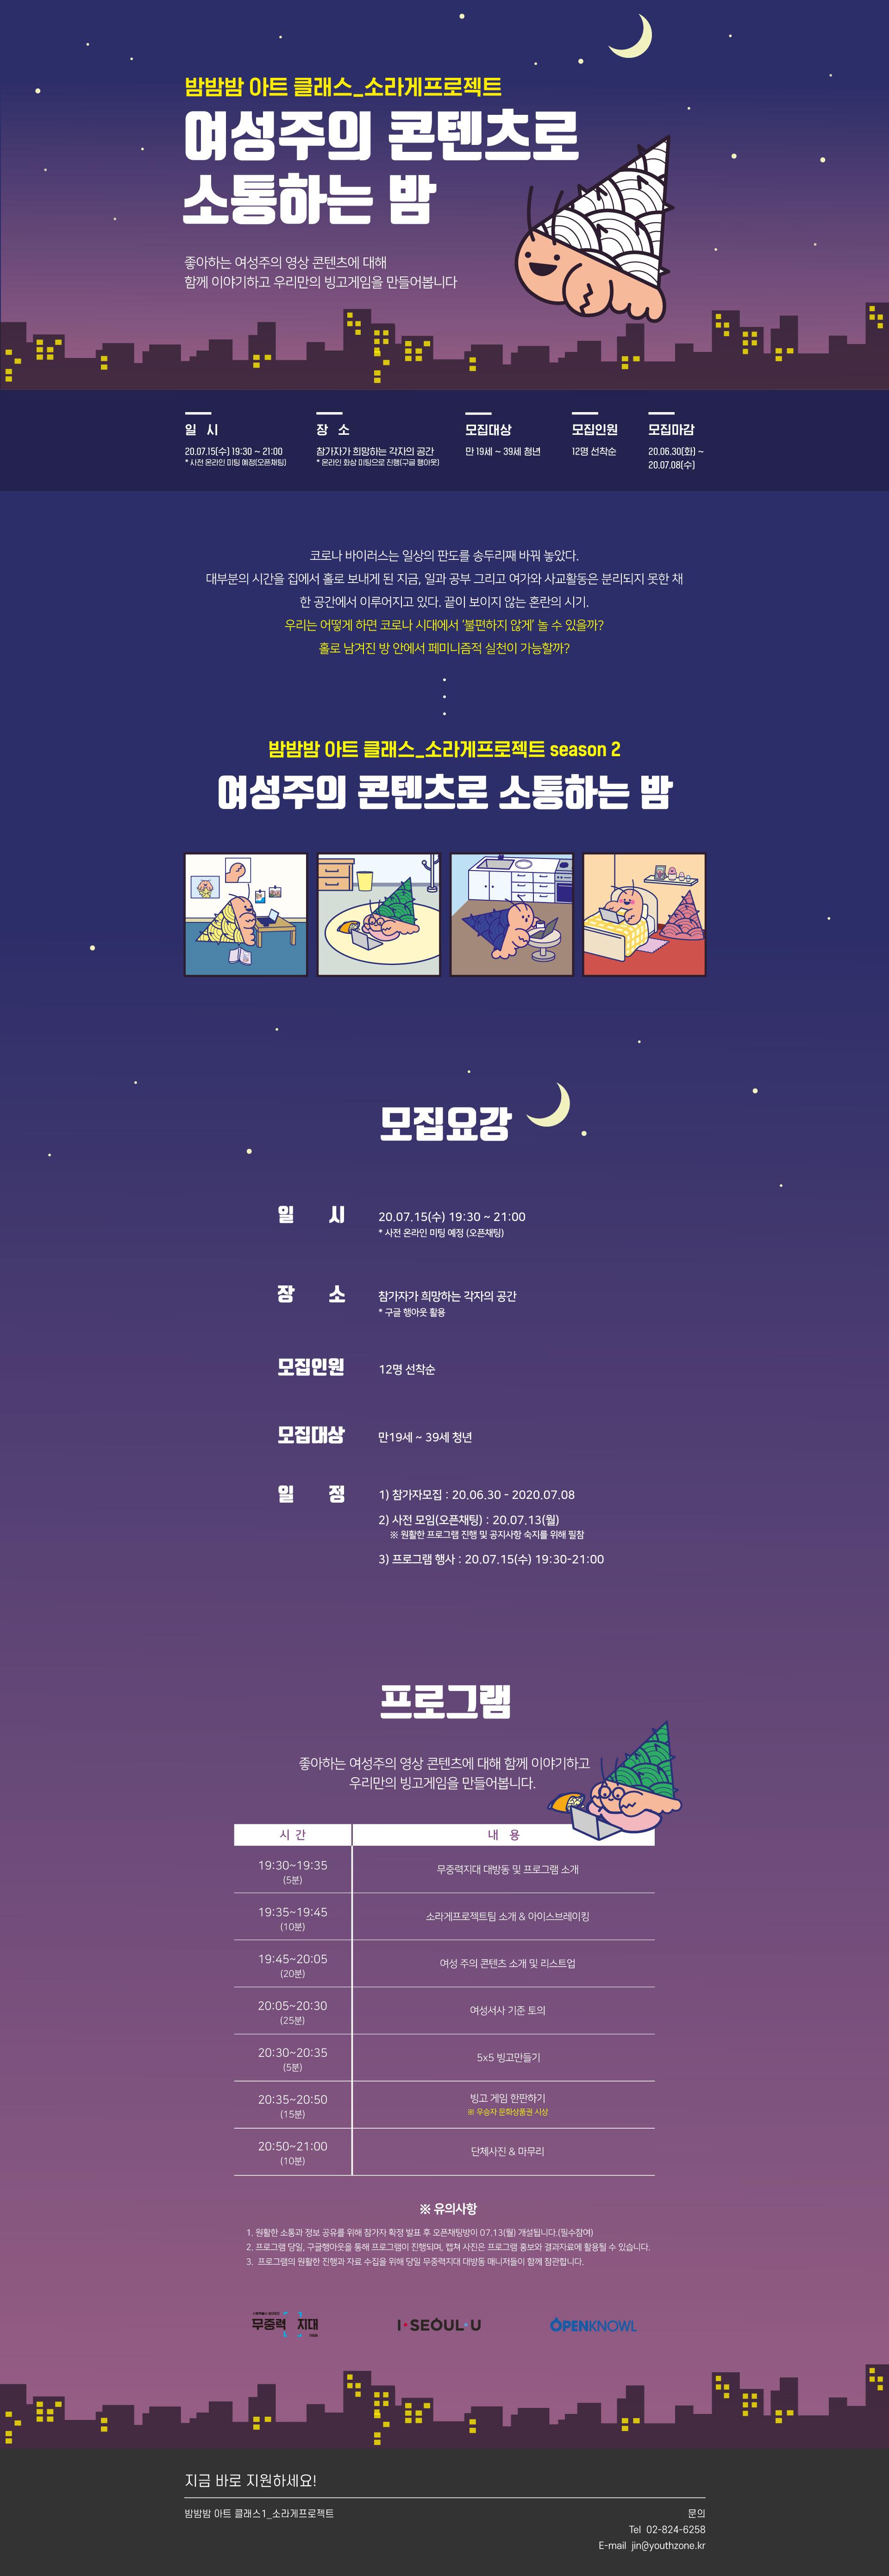 밤밤밤아트클래스1_소라게프로젝트